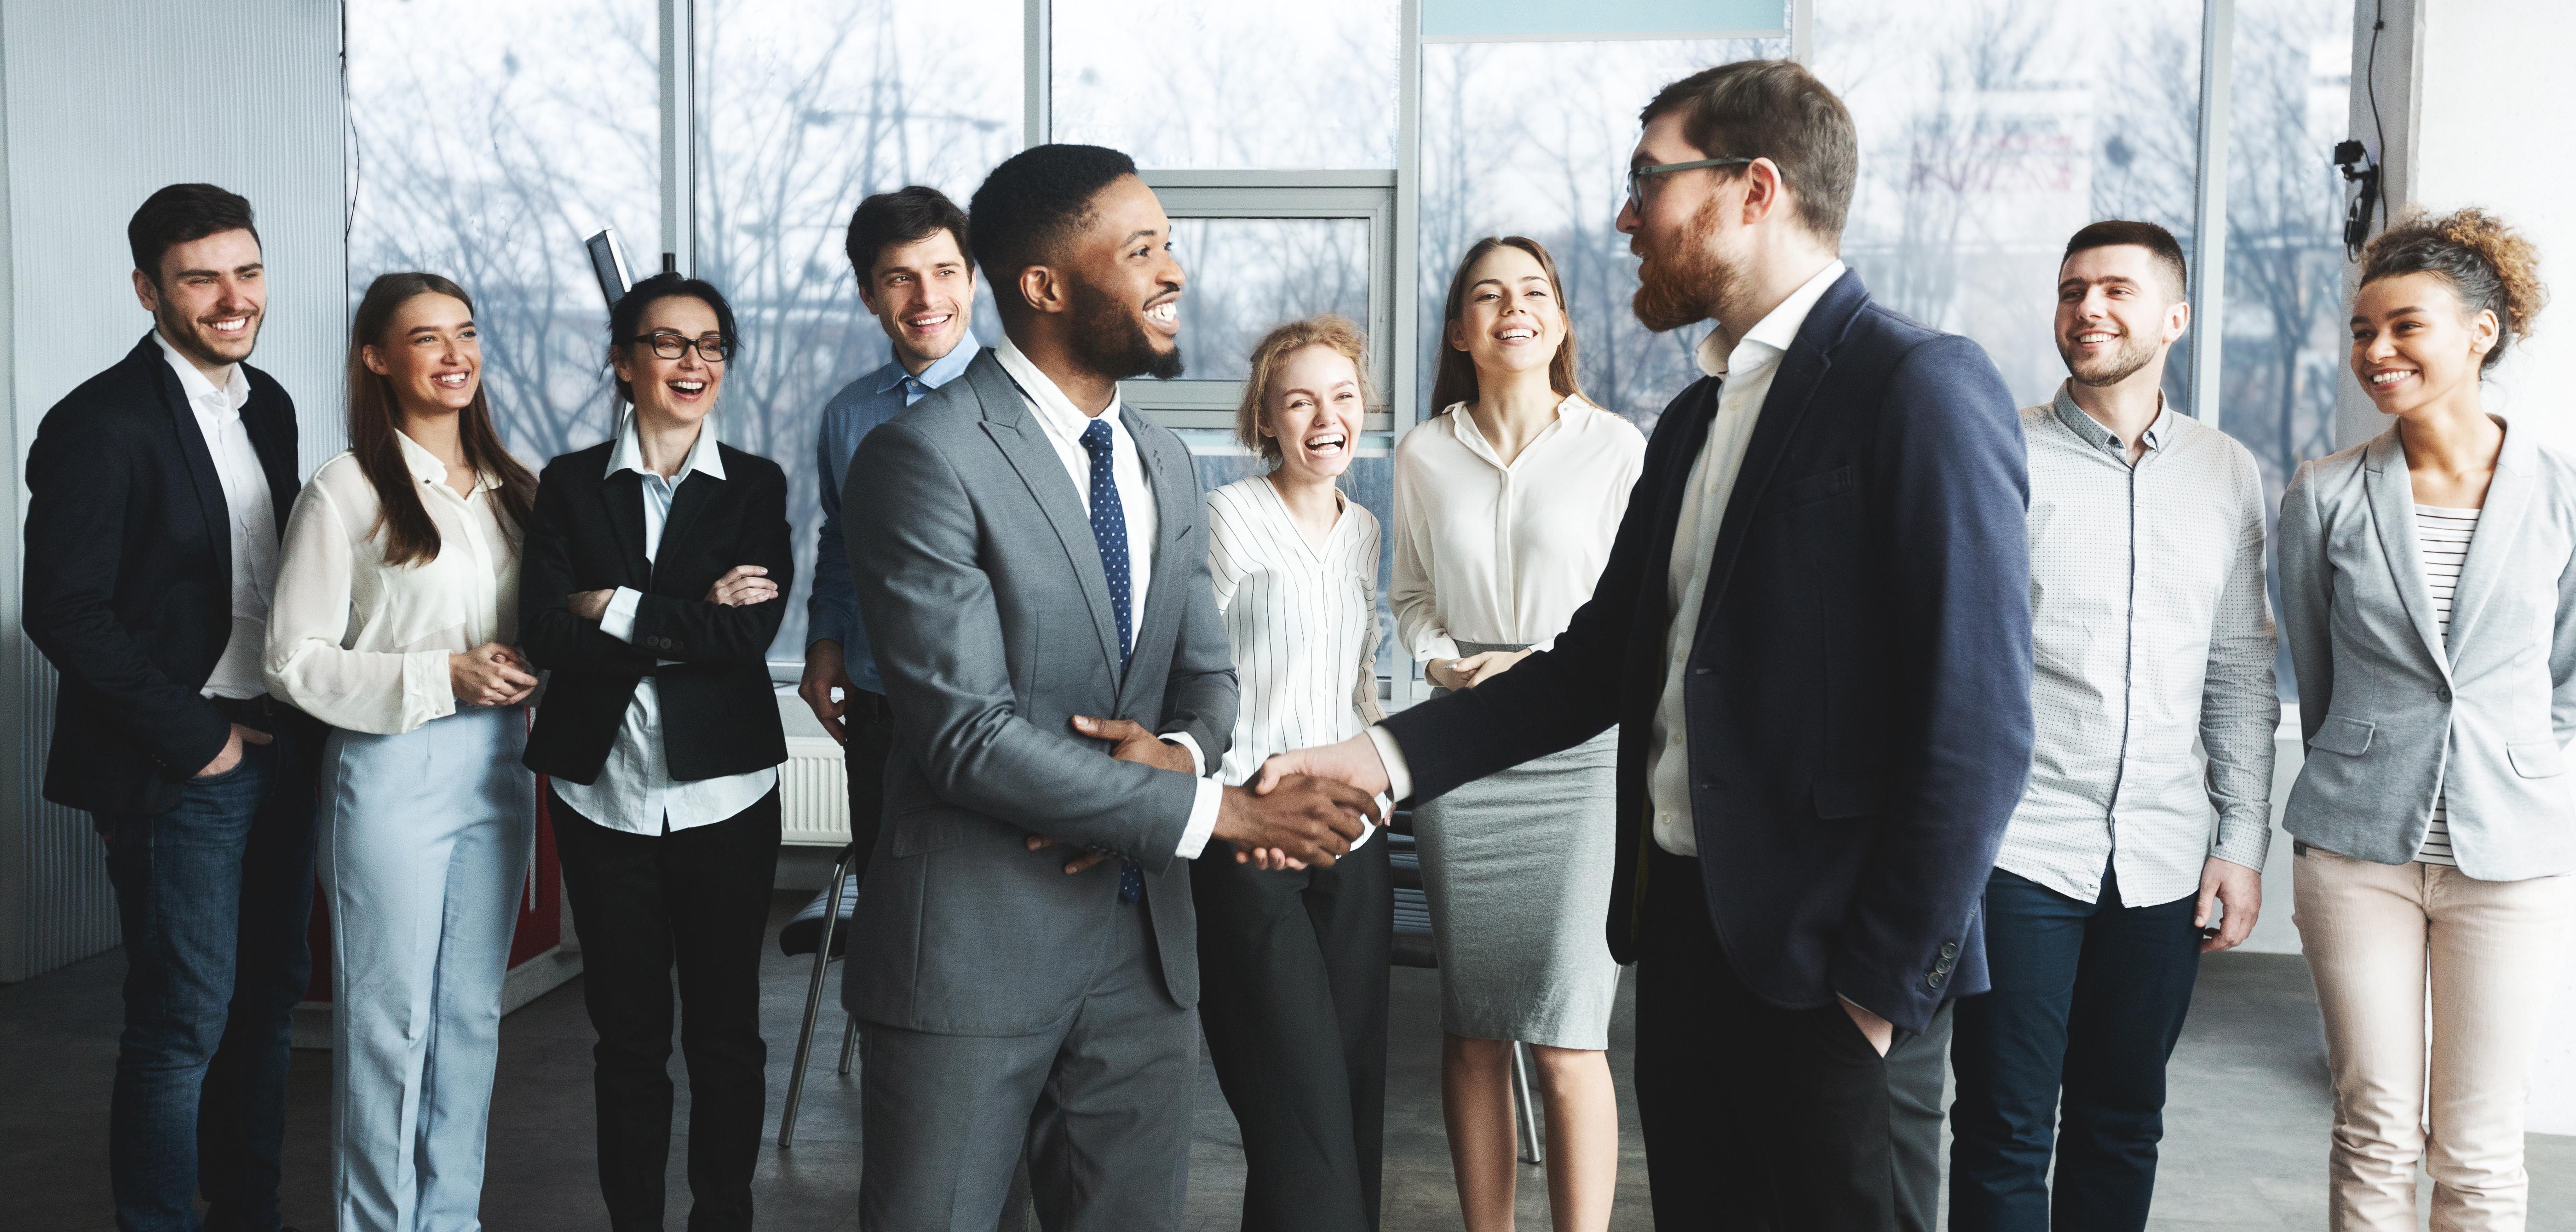 Führungskräftefeedback Mitarbeiter schütteln Hände